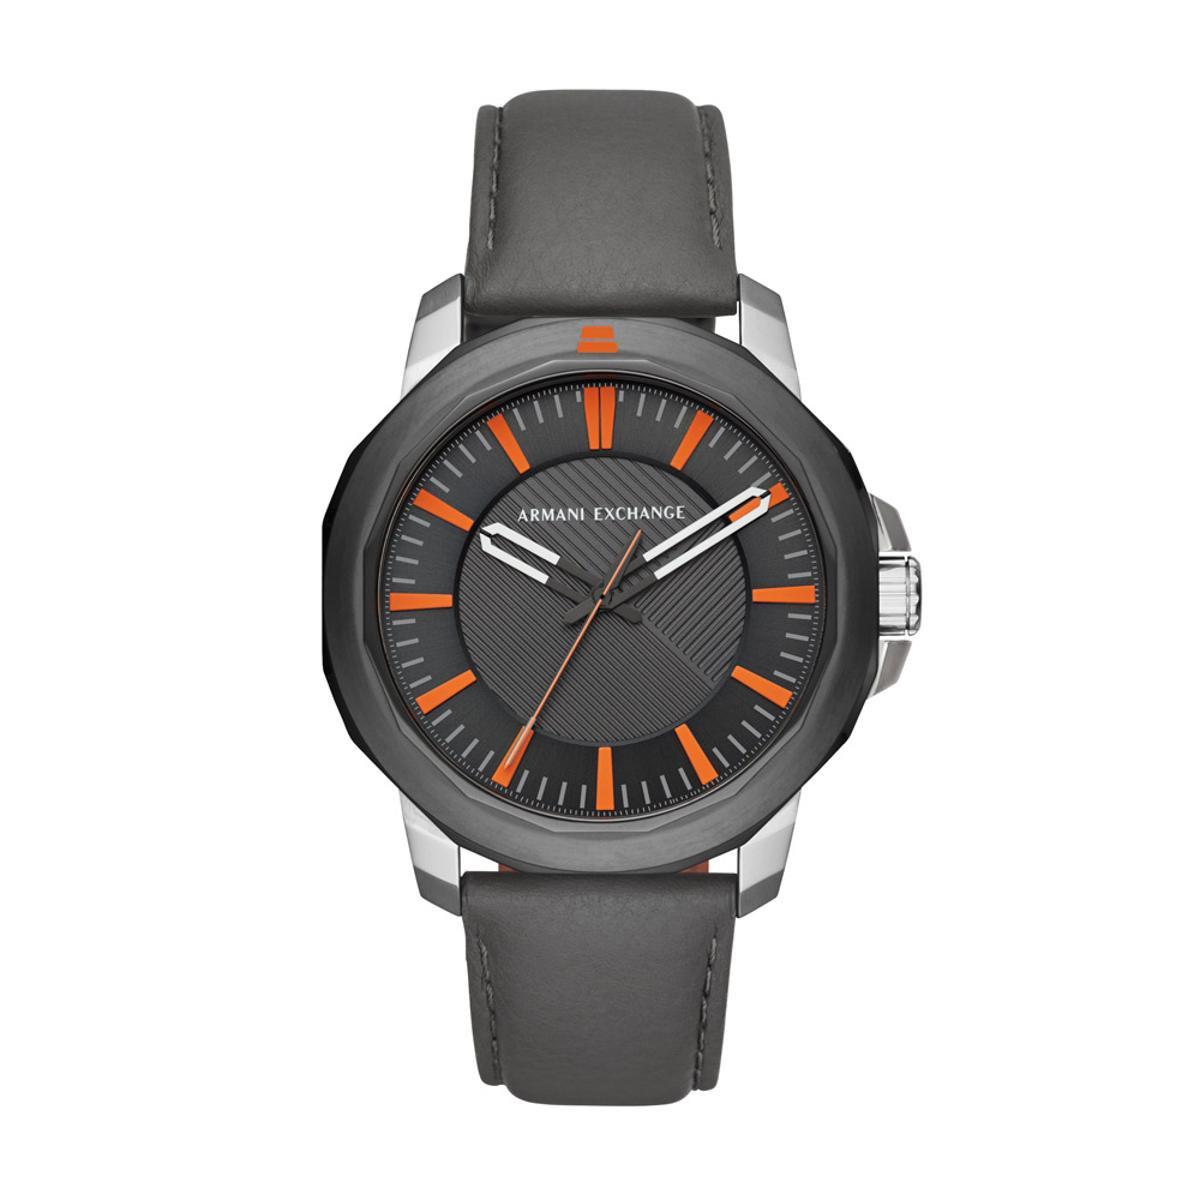 1956a3edbfa51 Relógio Armani Exchange Classic Ryder Masculino - Cinza - Compre Agora